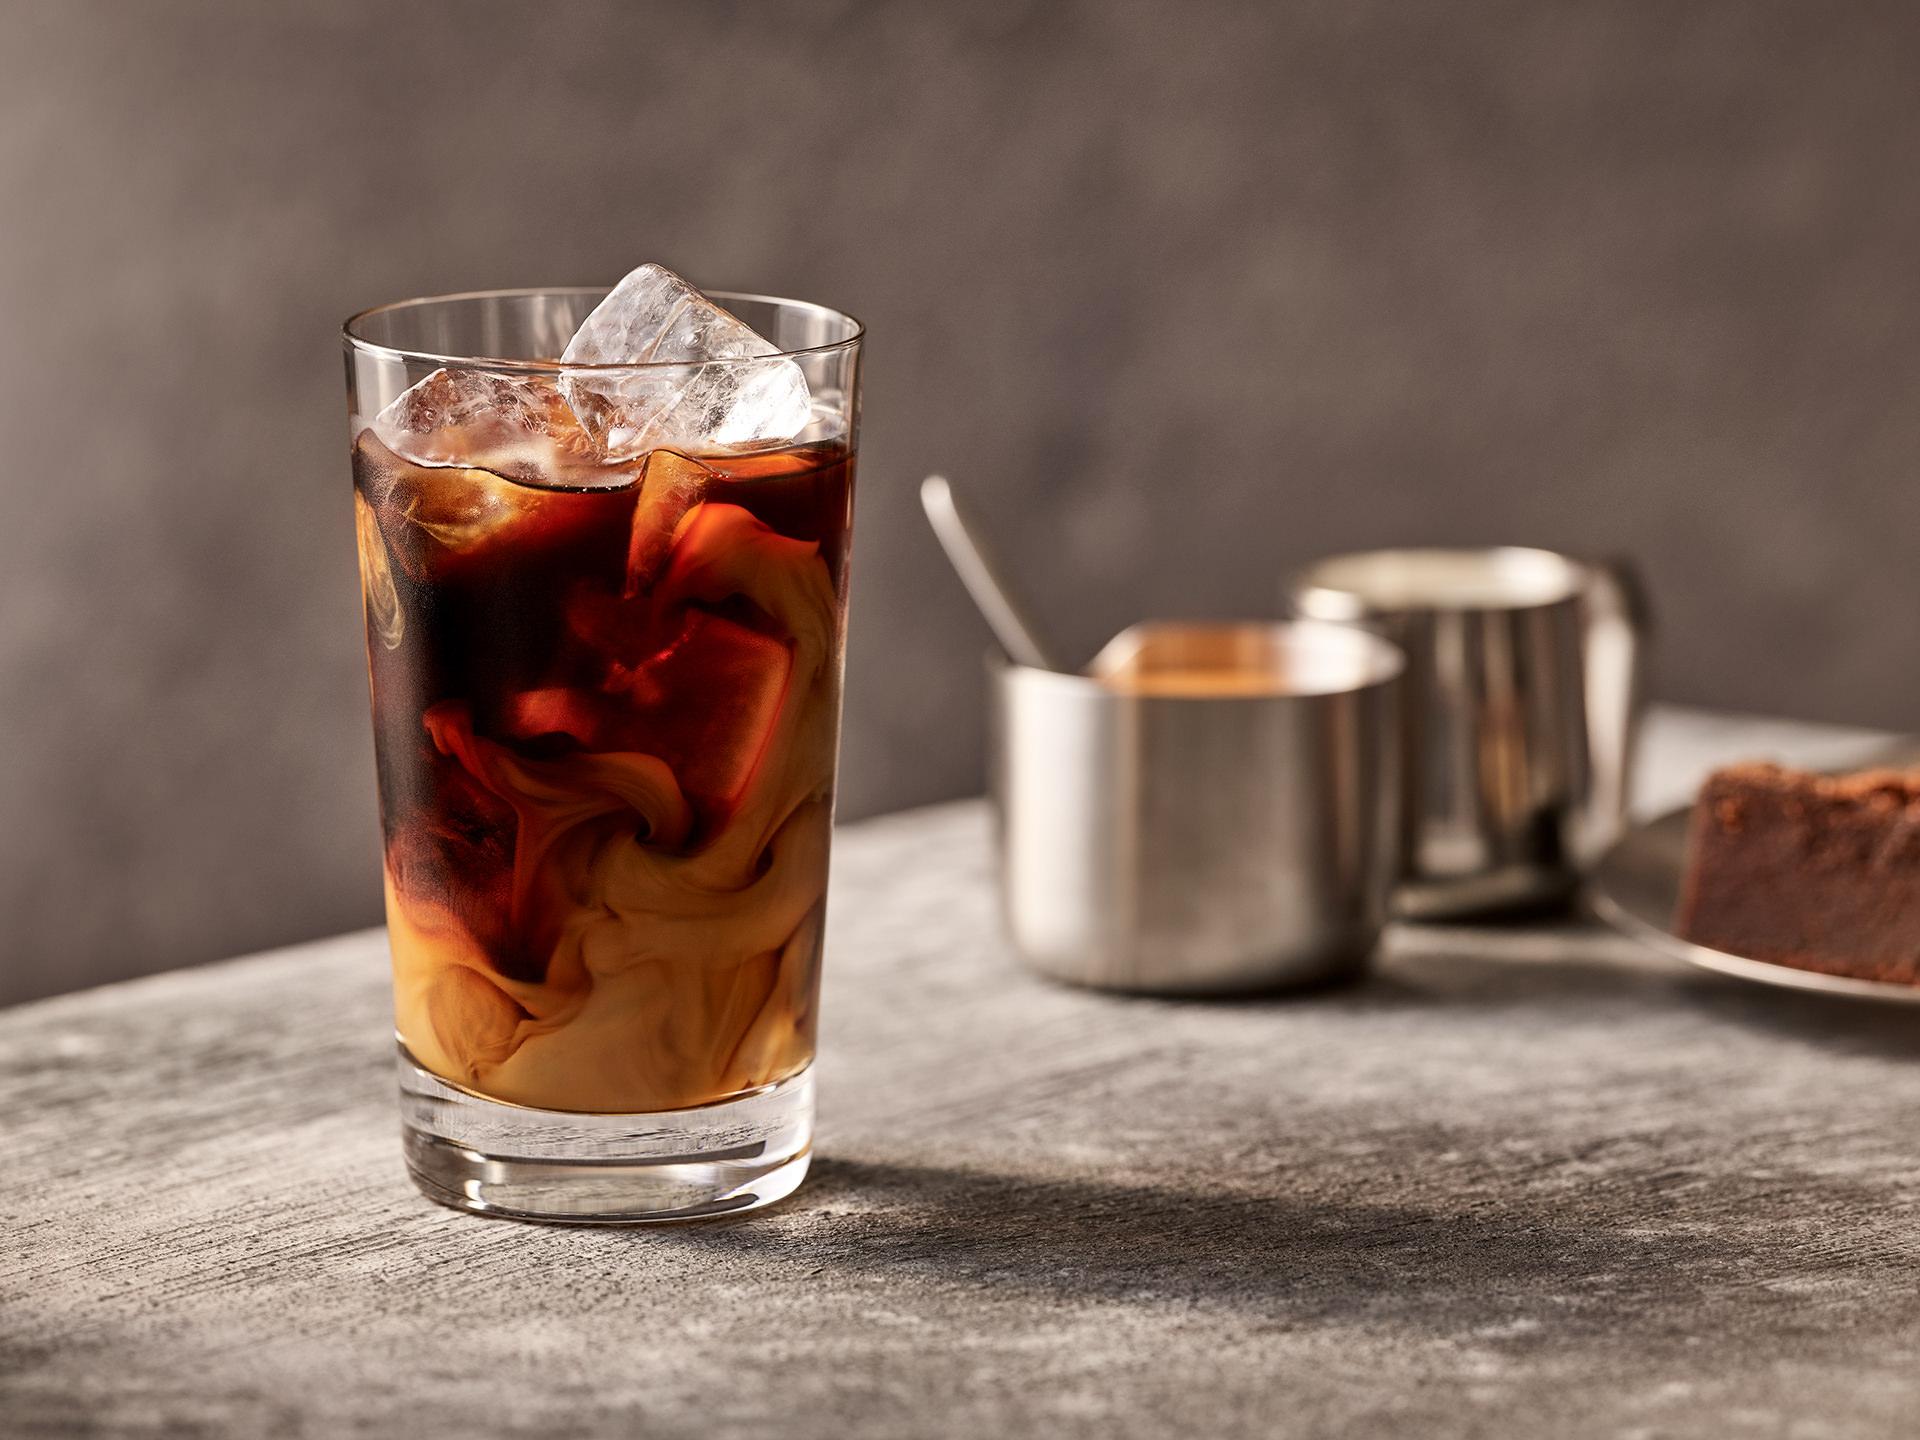 iced-coffee-still-glas-siemens